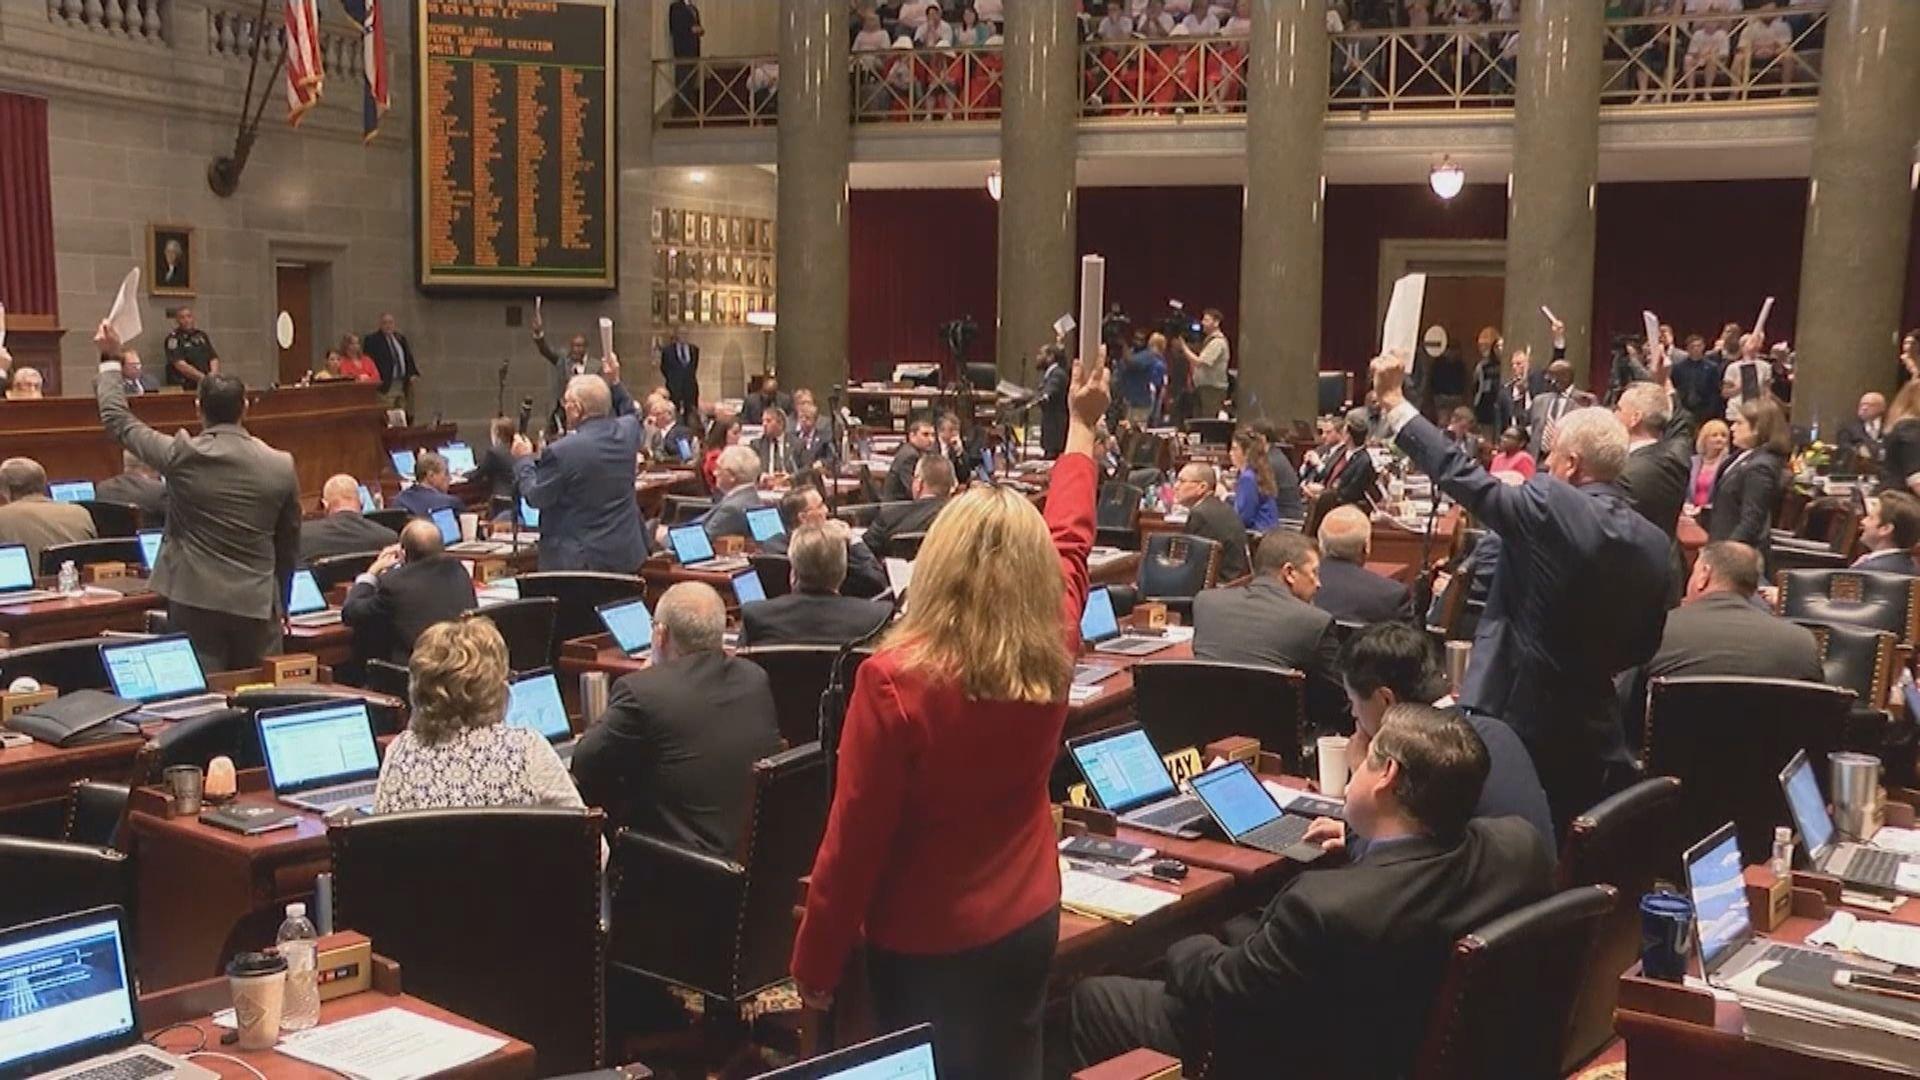 美國密蘇里州眾議院通過嚴格的墮胎法案